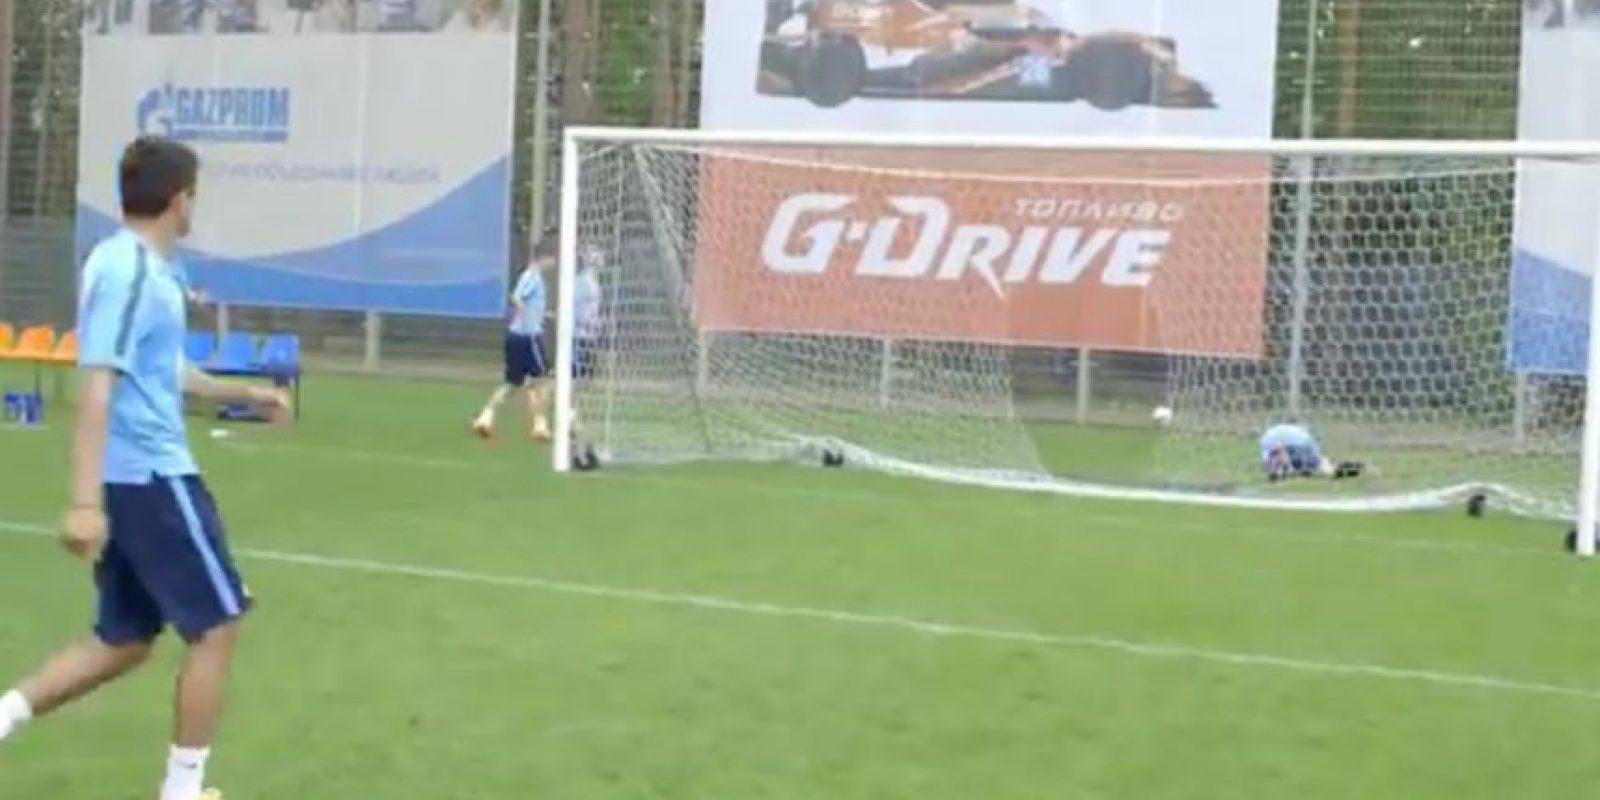 El corpulento delantero brasileño ha sido objeto de las bromas de parte de sus compañeros de equipo. Foto:Zenit FC